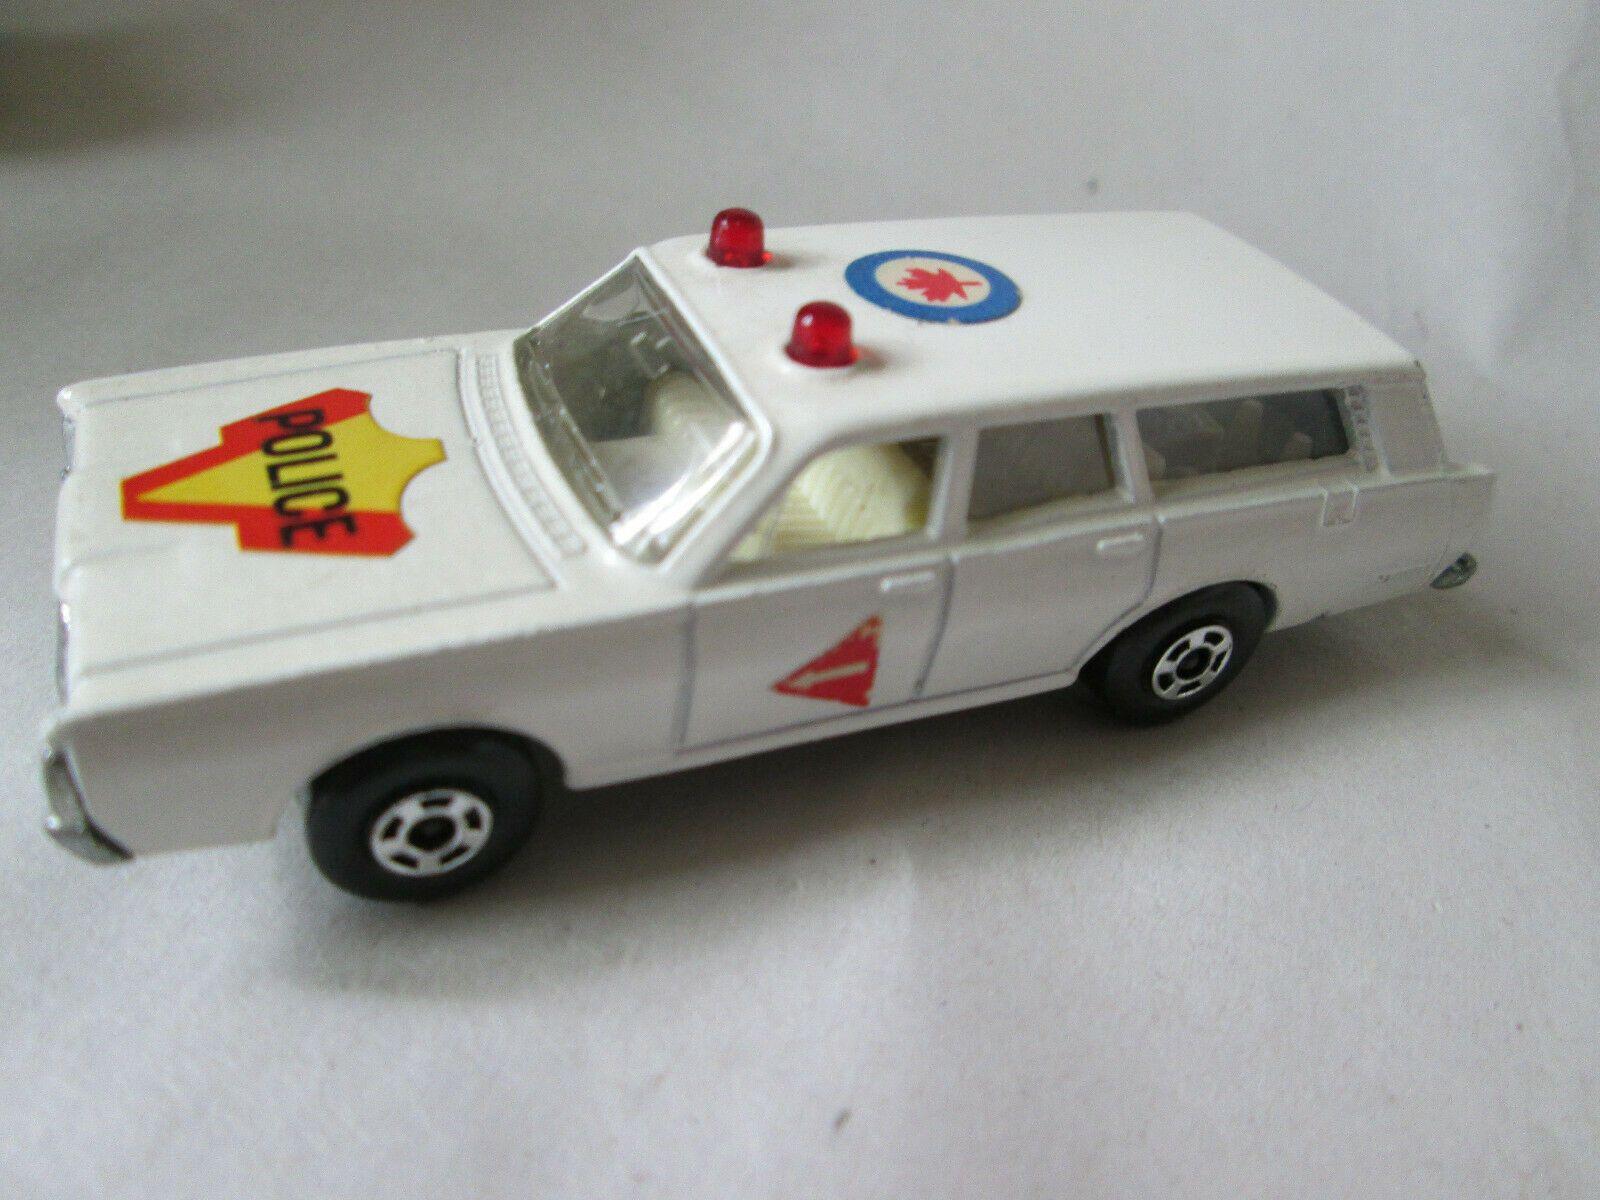 1971 Matchbox Series No. 55 Mercury Police Car (England